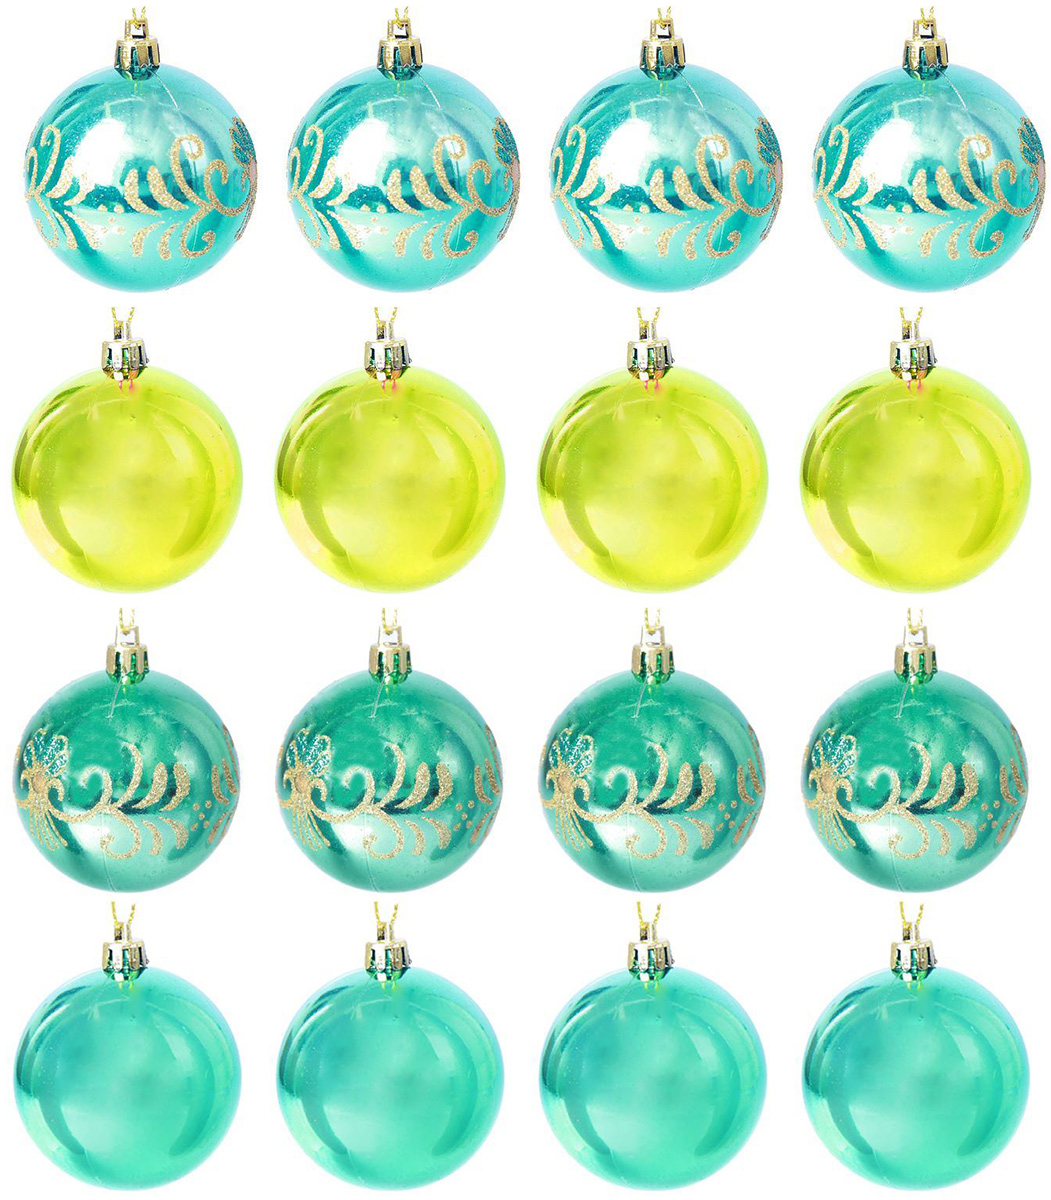 Набор новогодних подвесных украшений Sima-land Зеленый аллюр, диаметр 6 см, 12 шт набор новогодних подвесных украшений sima land ледяной узор диаметр 7 см 6 шт